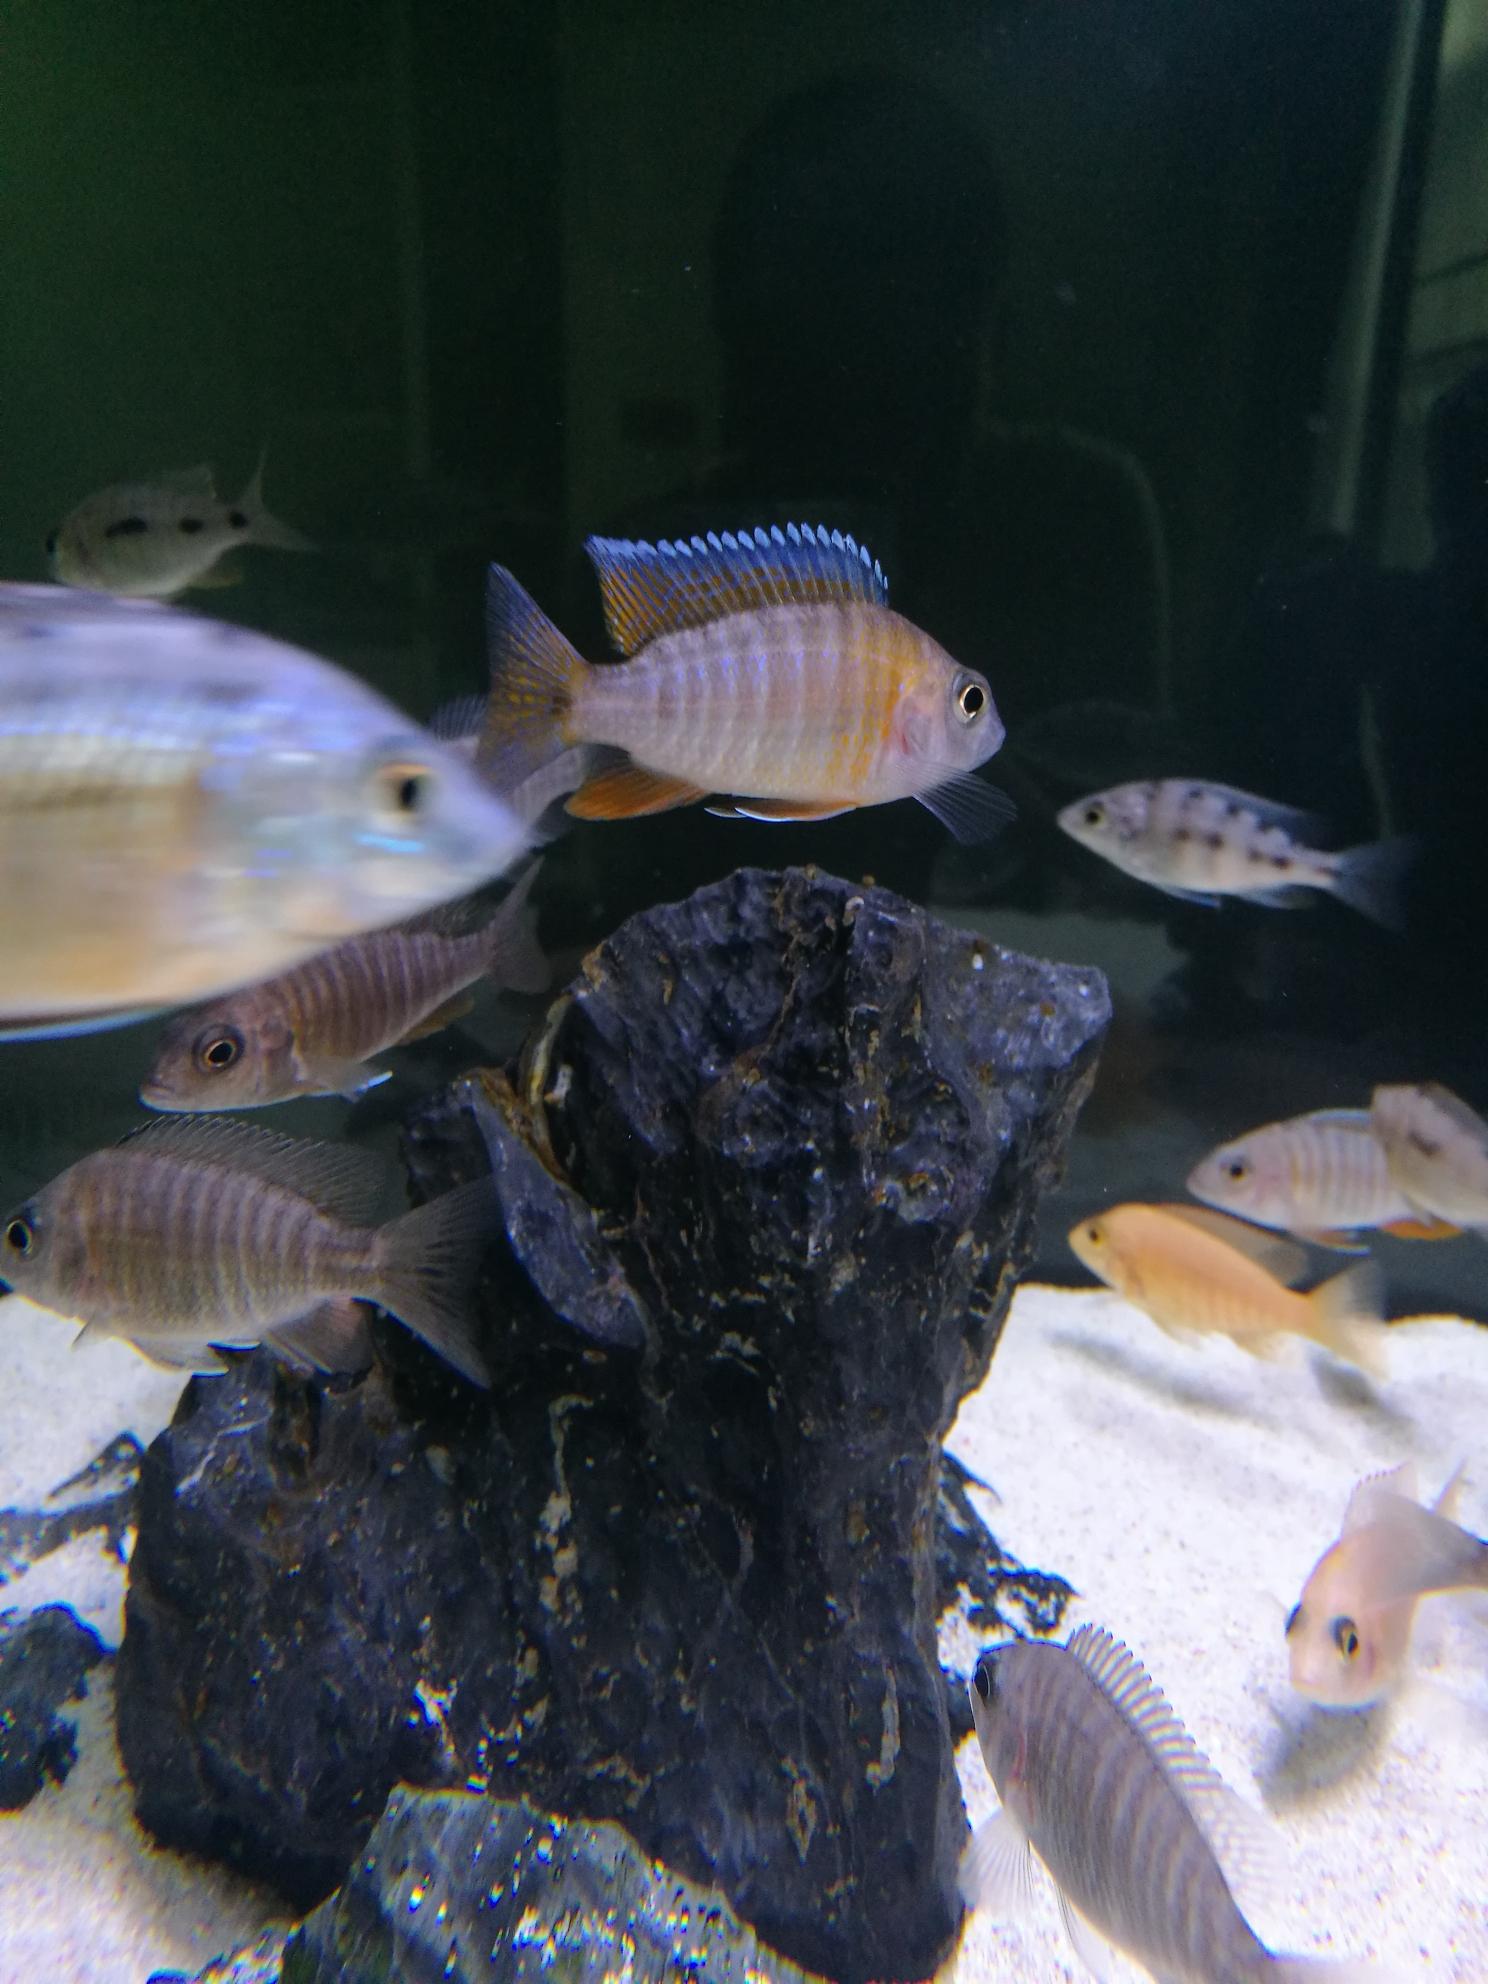 红珊瑚成长记三湖慈鲷 绵阳水族批发市场 绵阳水族批发市场第6张